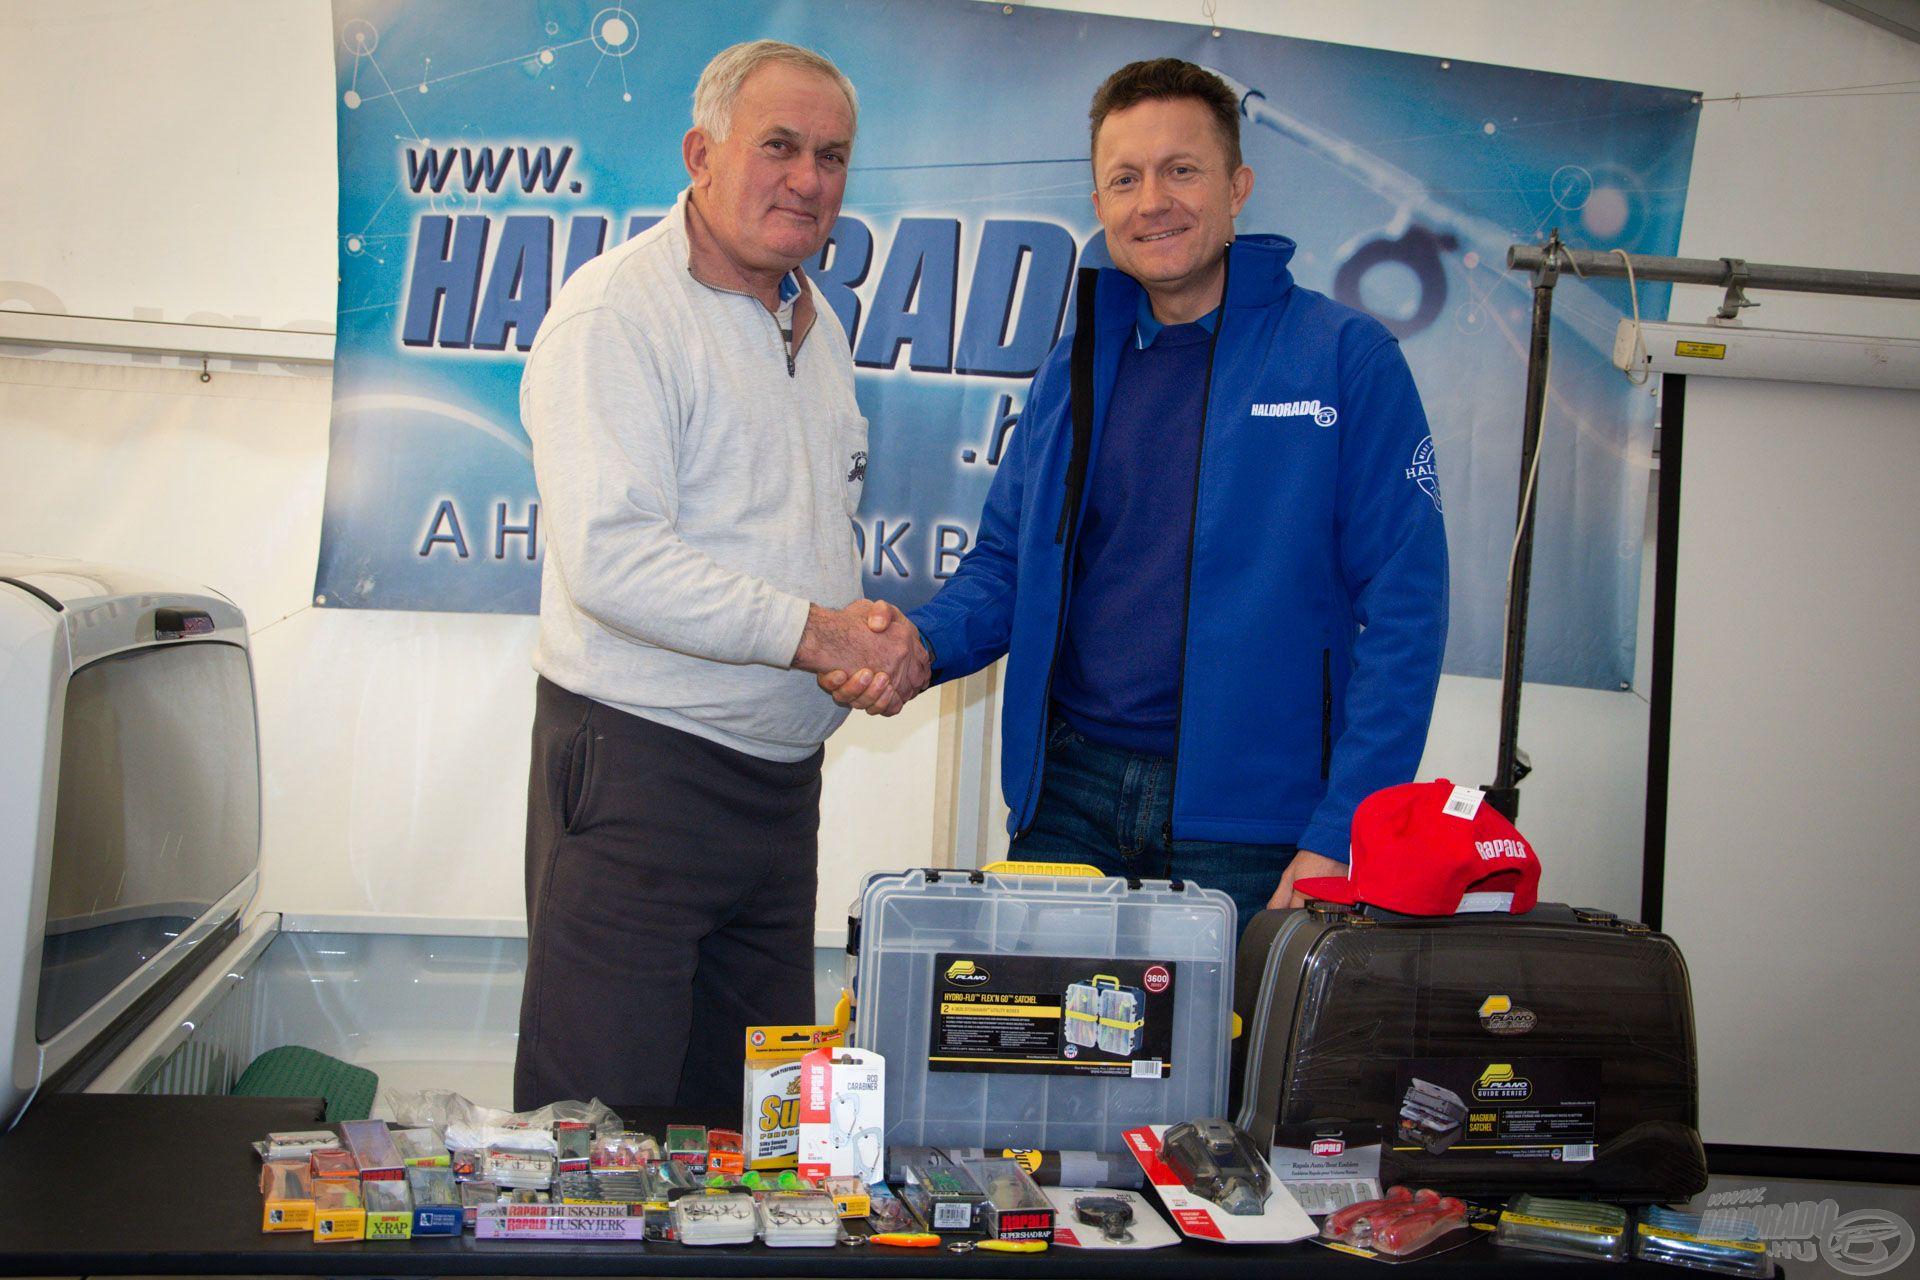 Gratulálunk a vasárnapi fődíj nyertesének, Szalai Antalnak! A nyereménye egy 100.000 Ft értékű Rapala-Sufix-Storm-Plano ajándékcsomag